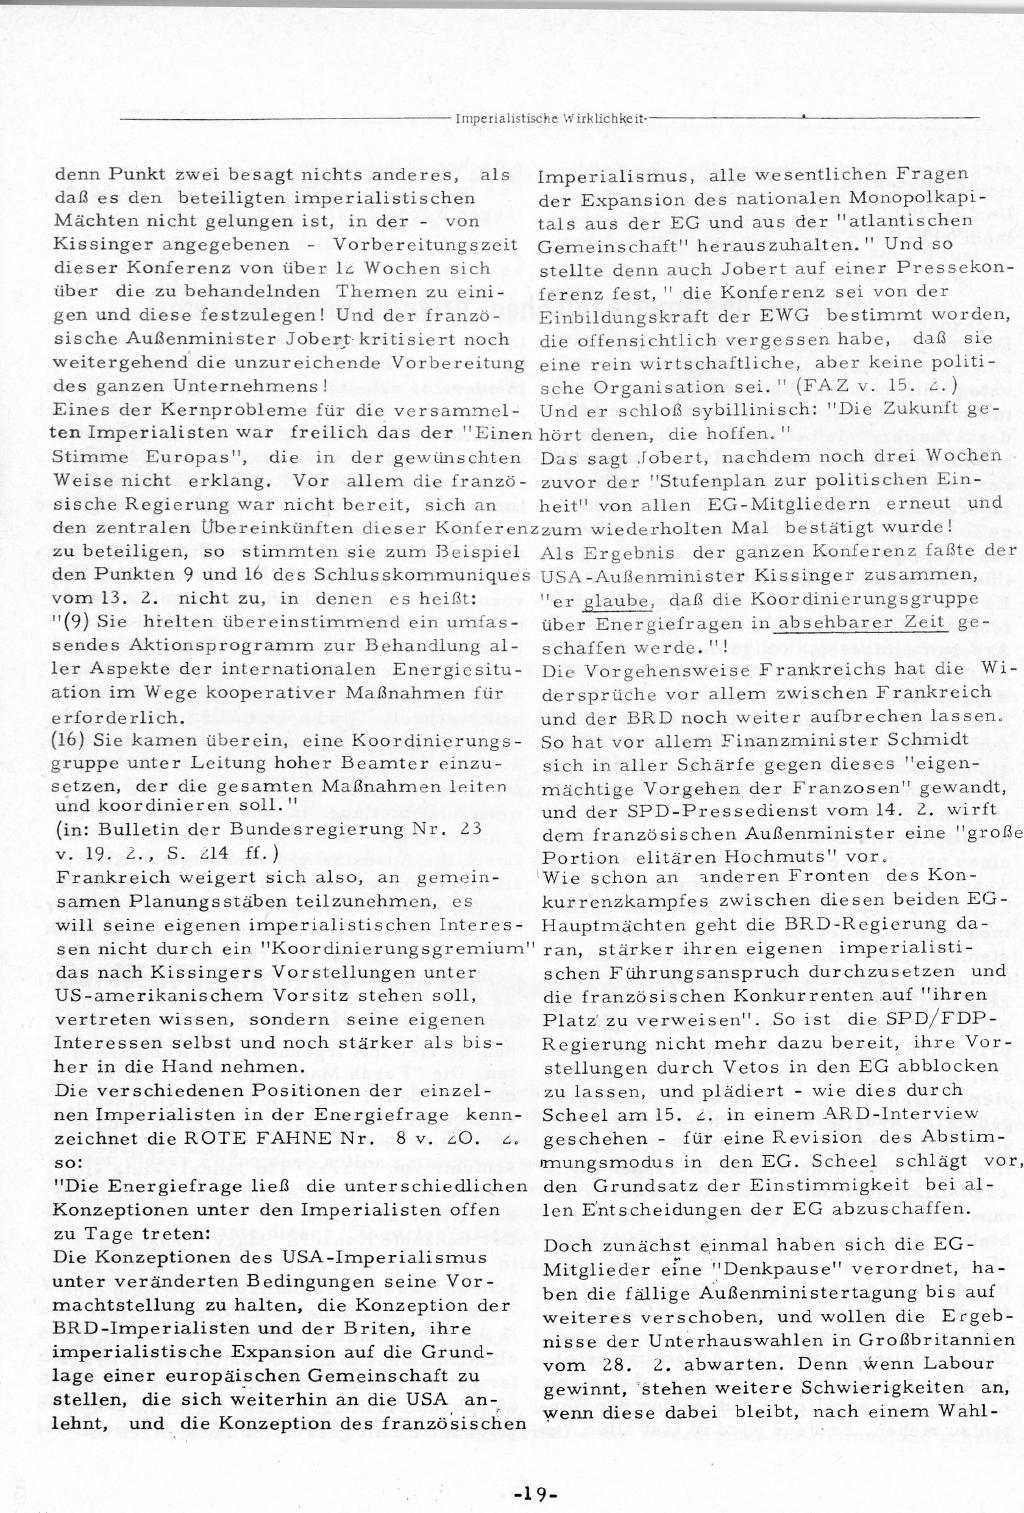 RPK_1974_07_08_19